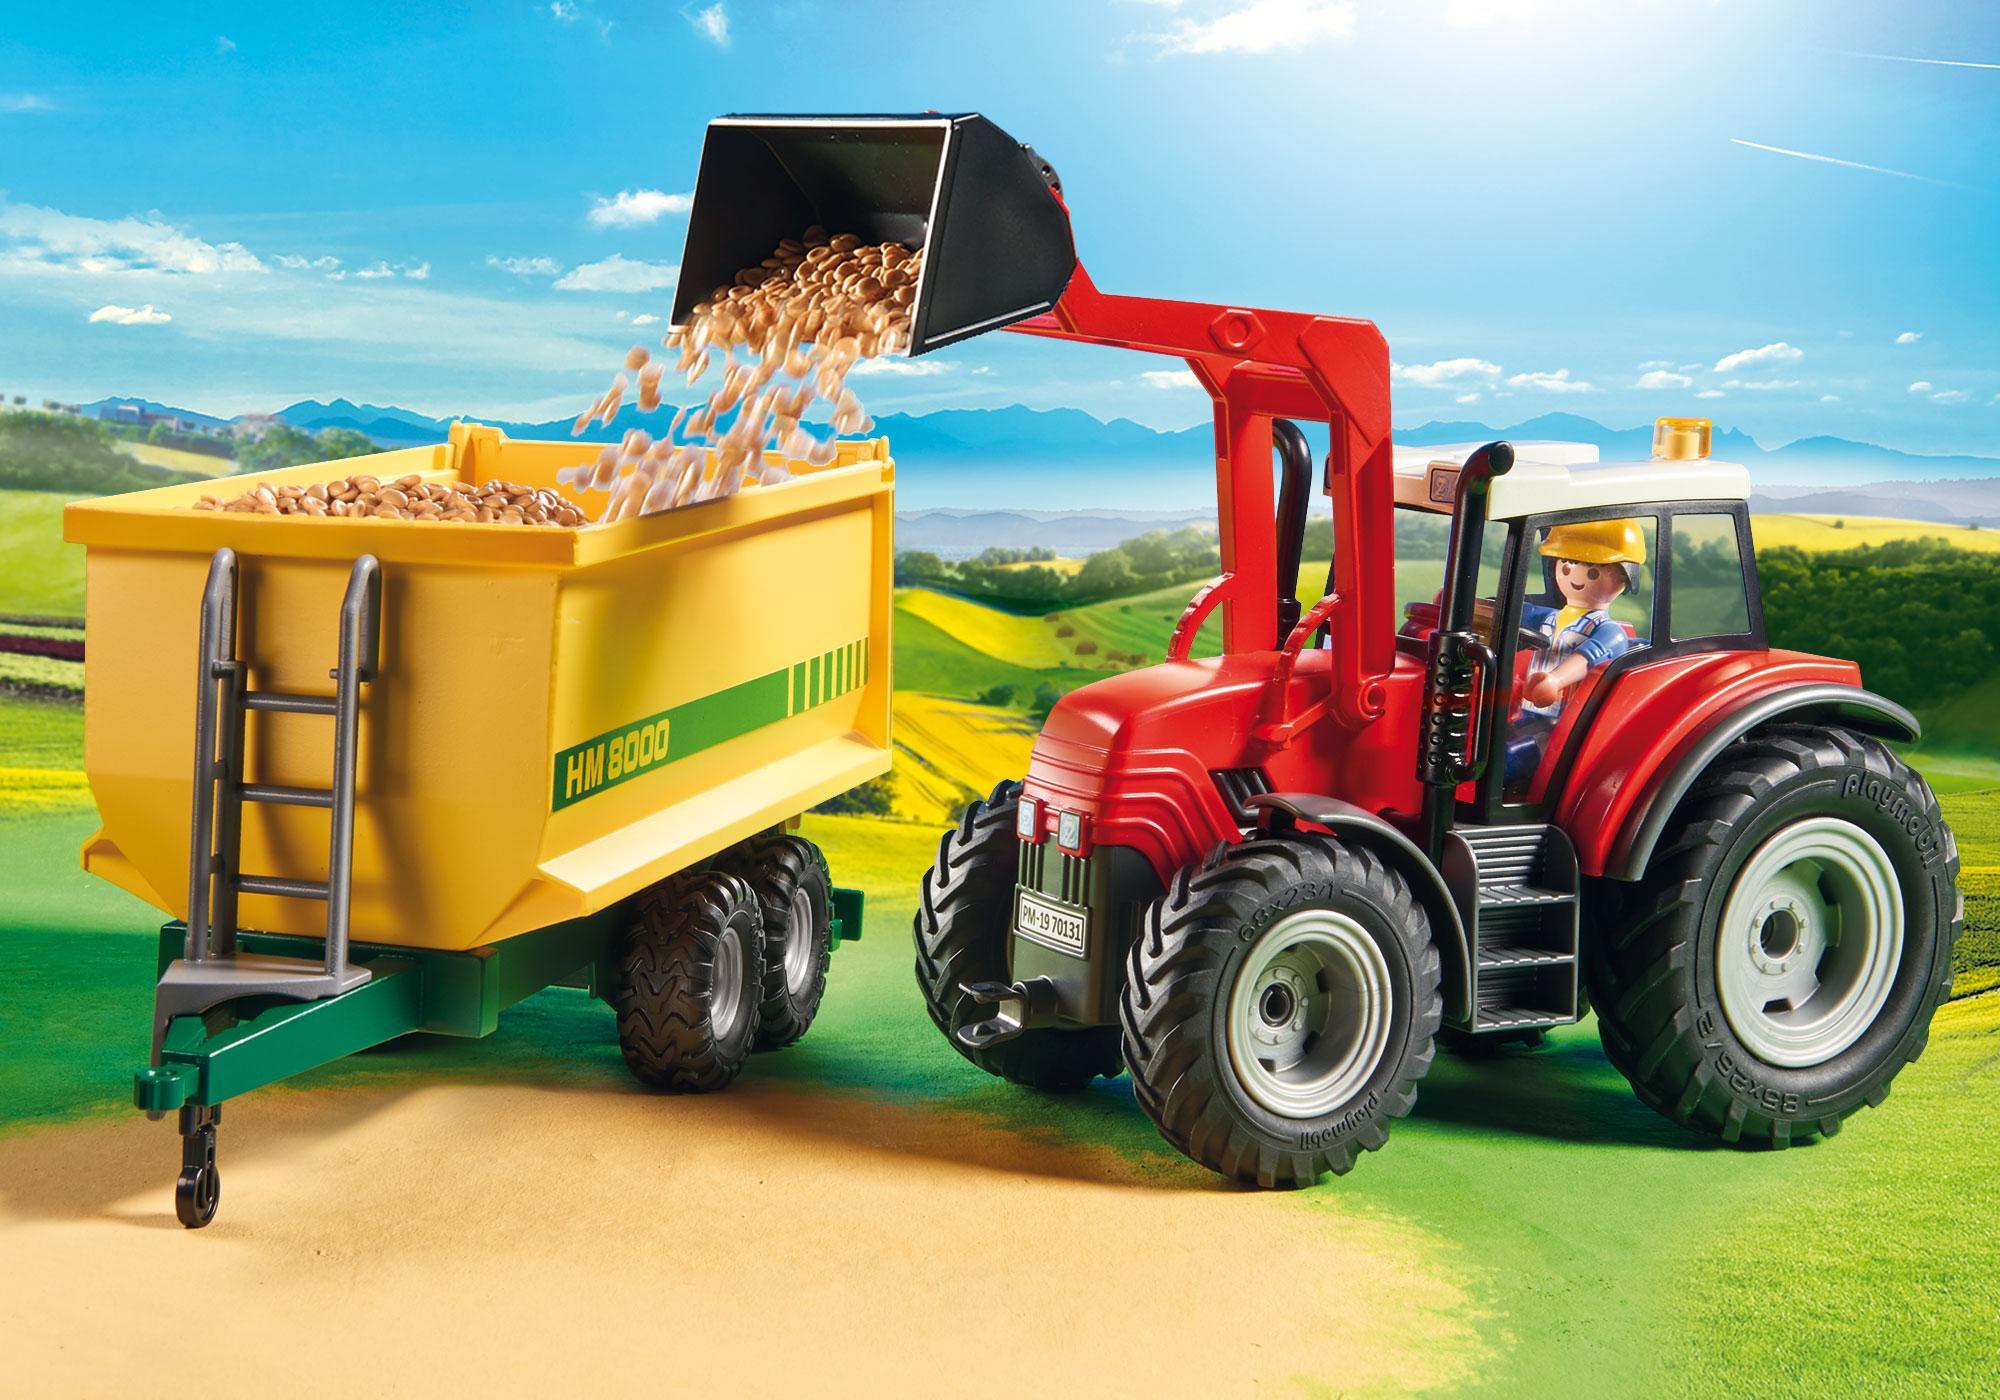 http://media.playmobil.com/i/playmobil/70131_product_extra3/Riesentraktor mit Anhänger